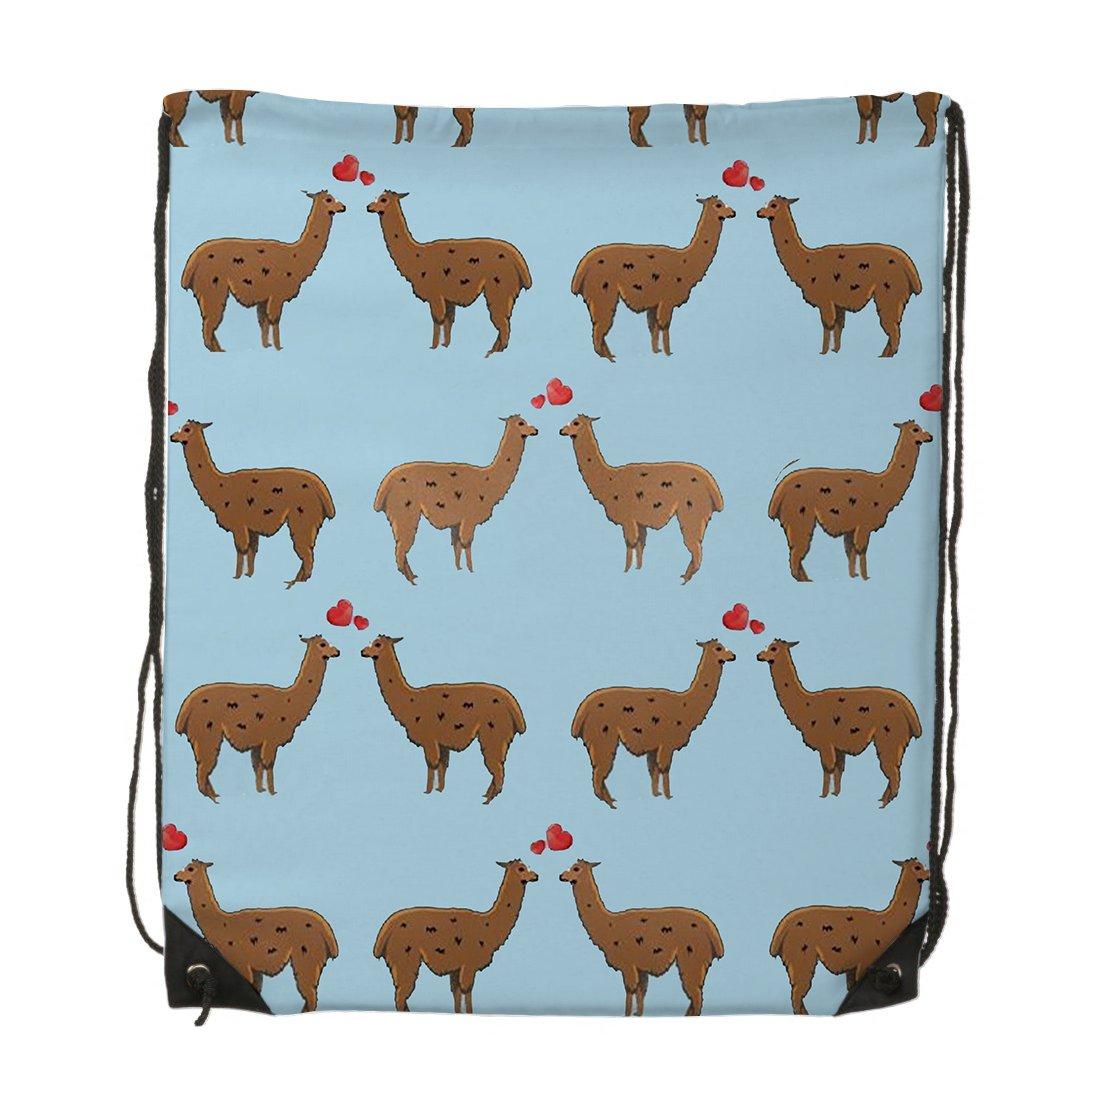 I Heart Love Llama Unisex Gym Drawstring Shoulder Bag Backpack Travel Bag Bags Backpack String Bags School Rucksack Gym Handbag